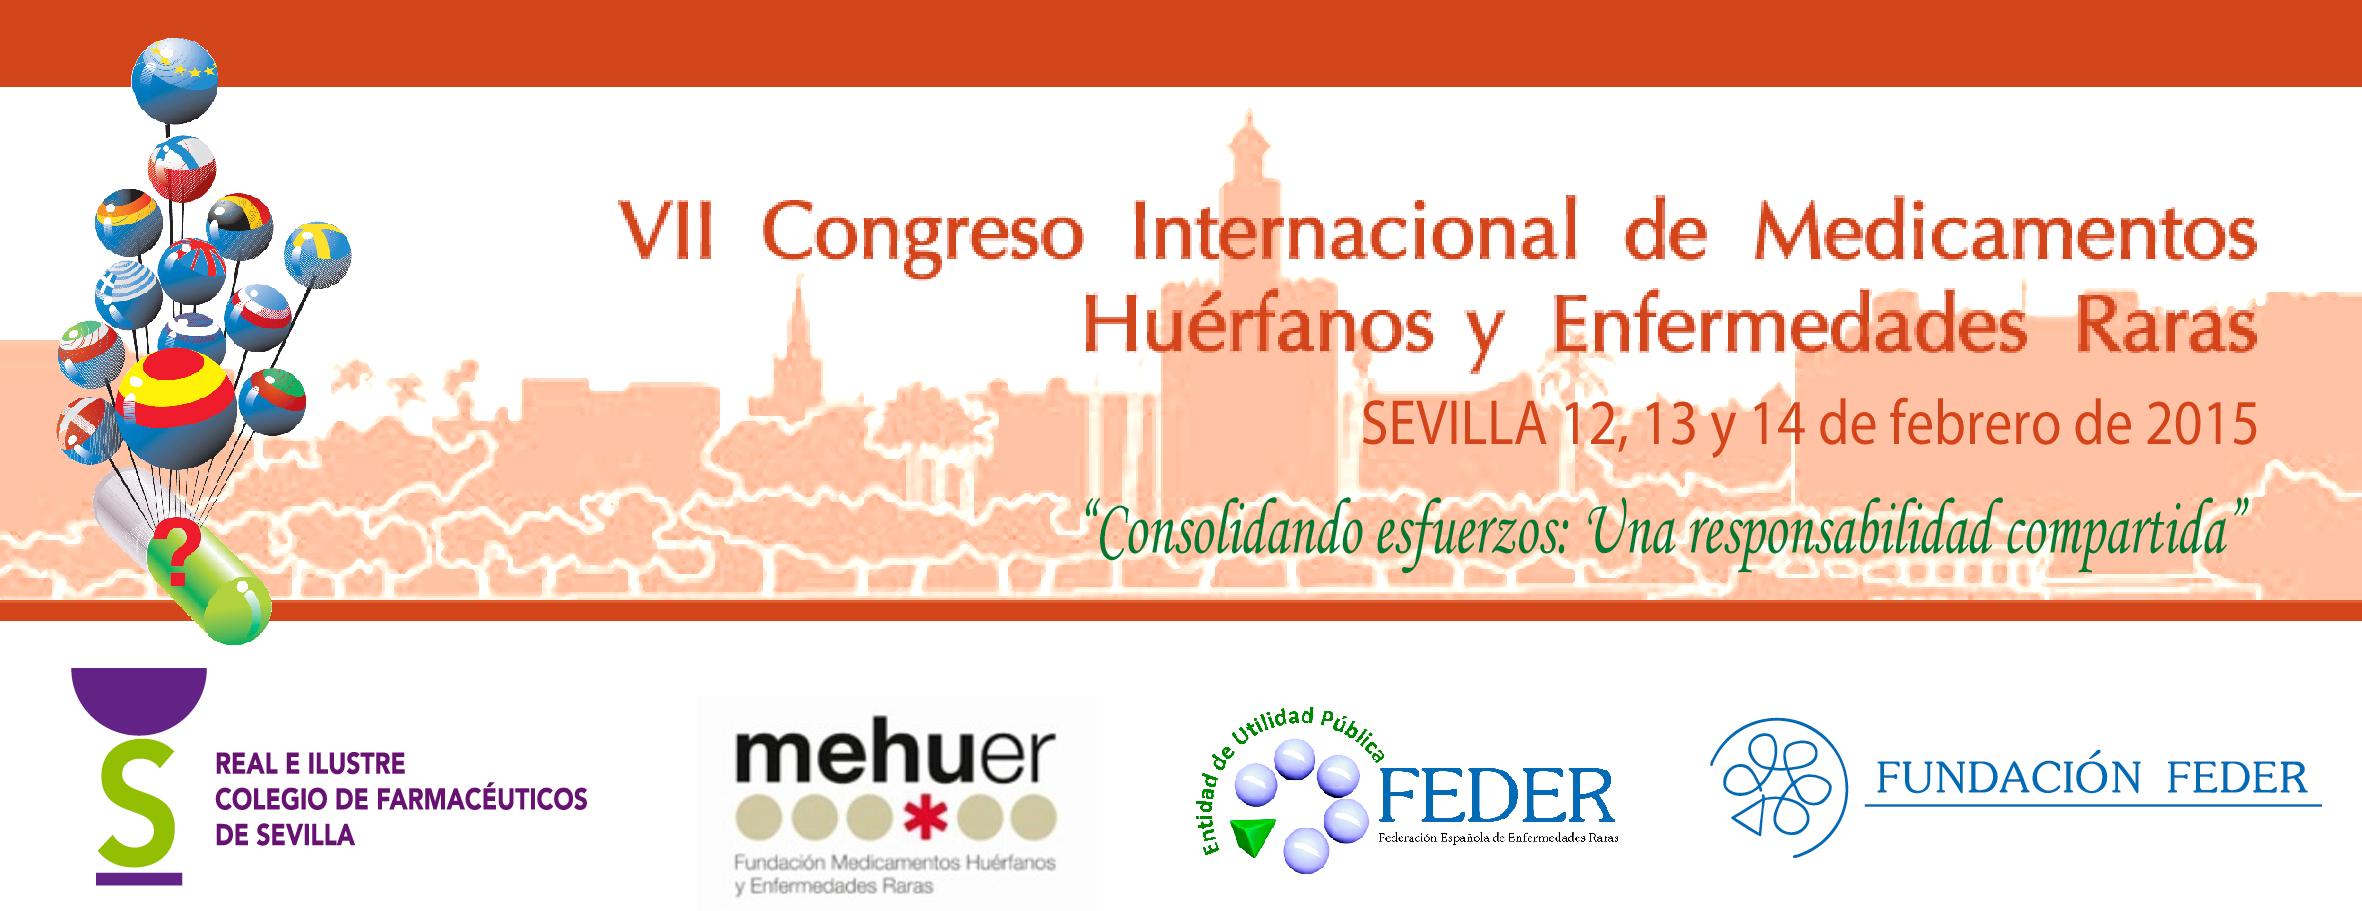 CONVOCATORIA: Comienza el VII Congreso Internacional de Medicamentos Huérfanos y Enfermedades Raras